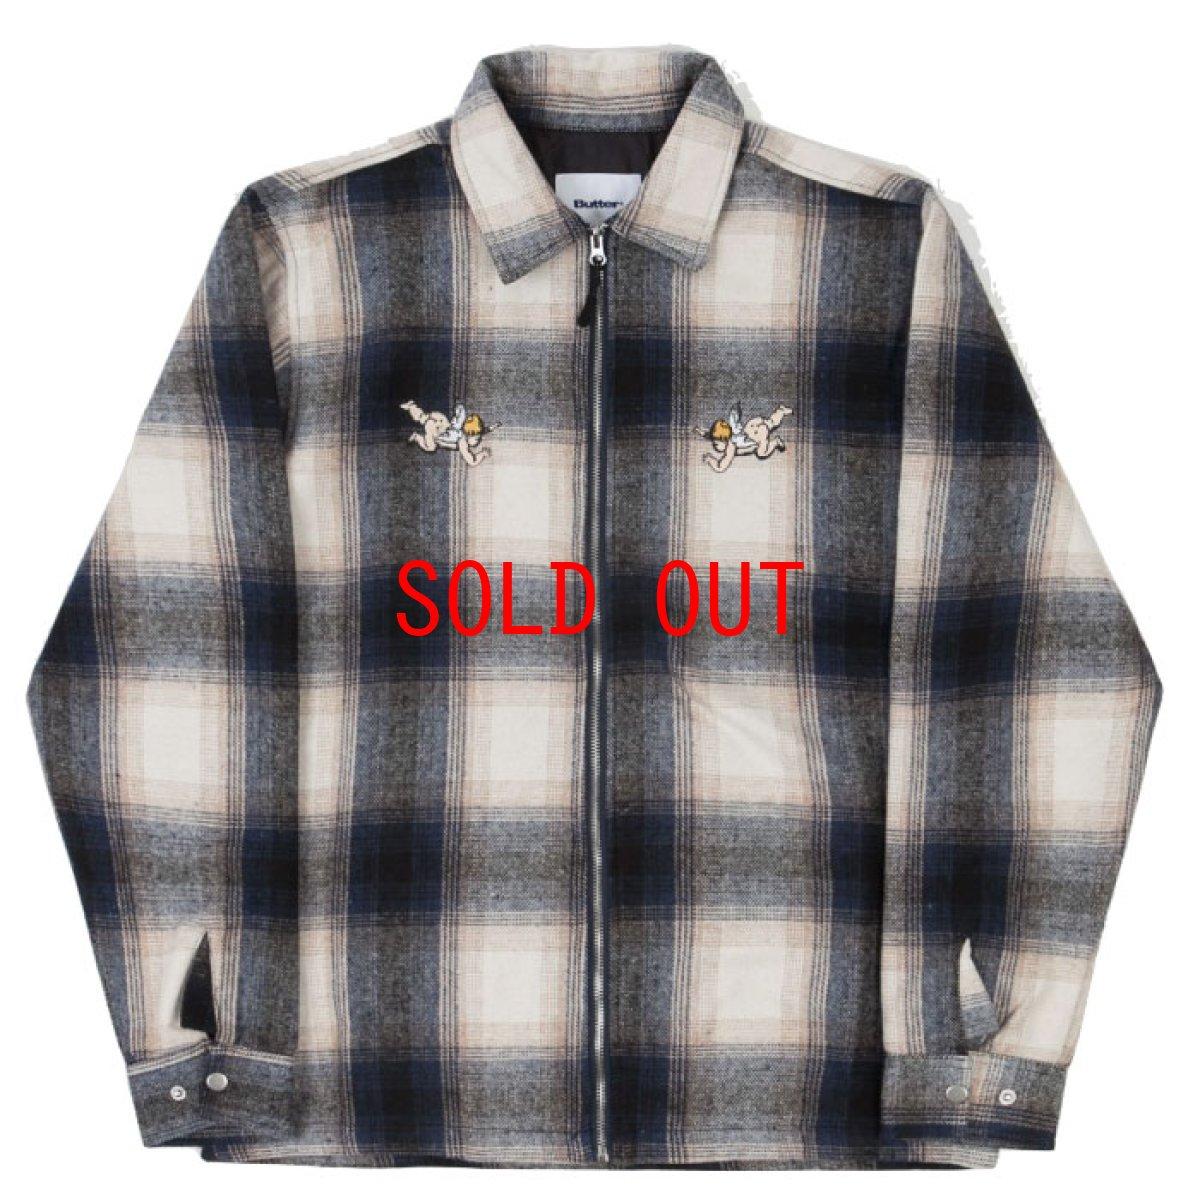 画像1: Angels Heavyweight Plaid Shirts Jacket エンジェル プレイド シャツ ジャケット ジップ Navy Beige ネイビー ベージュ (1)